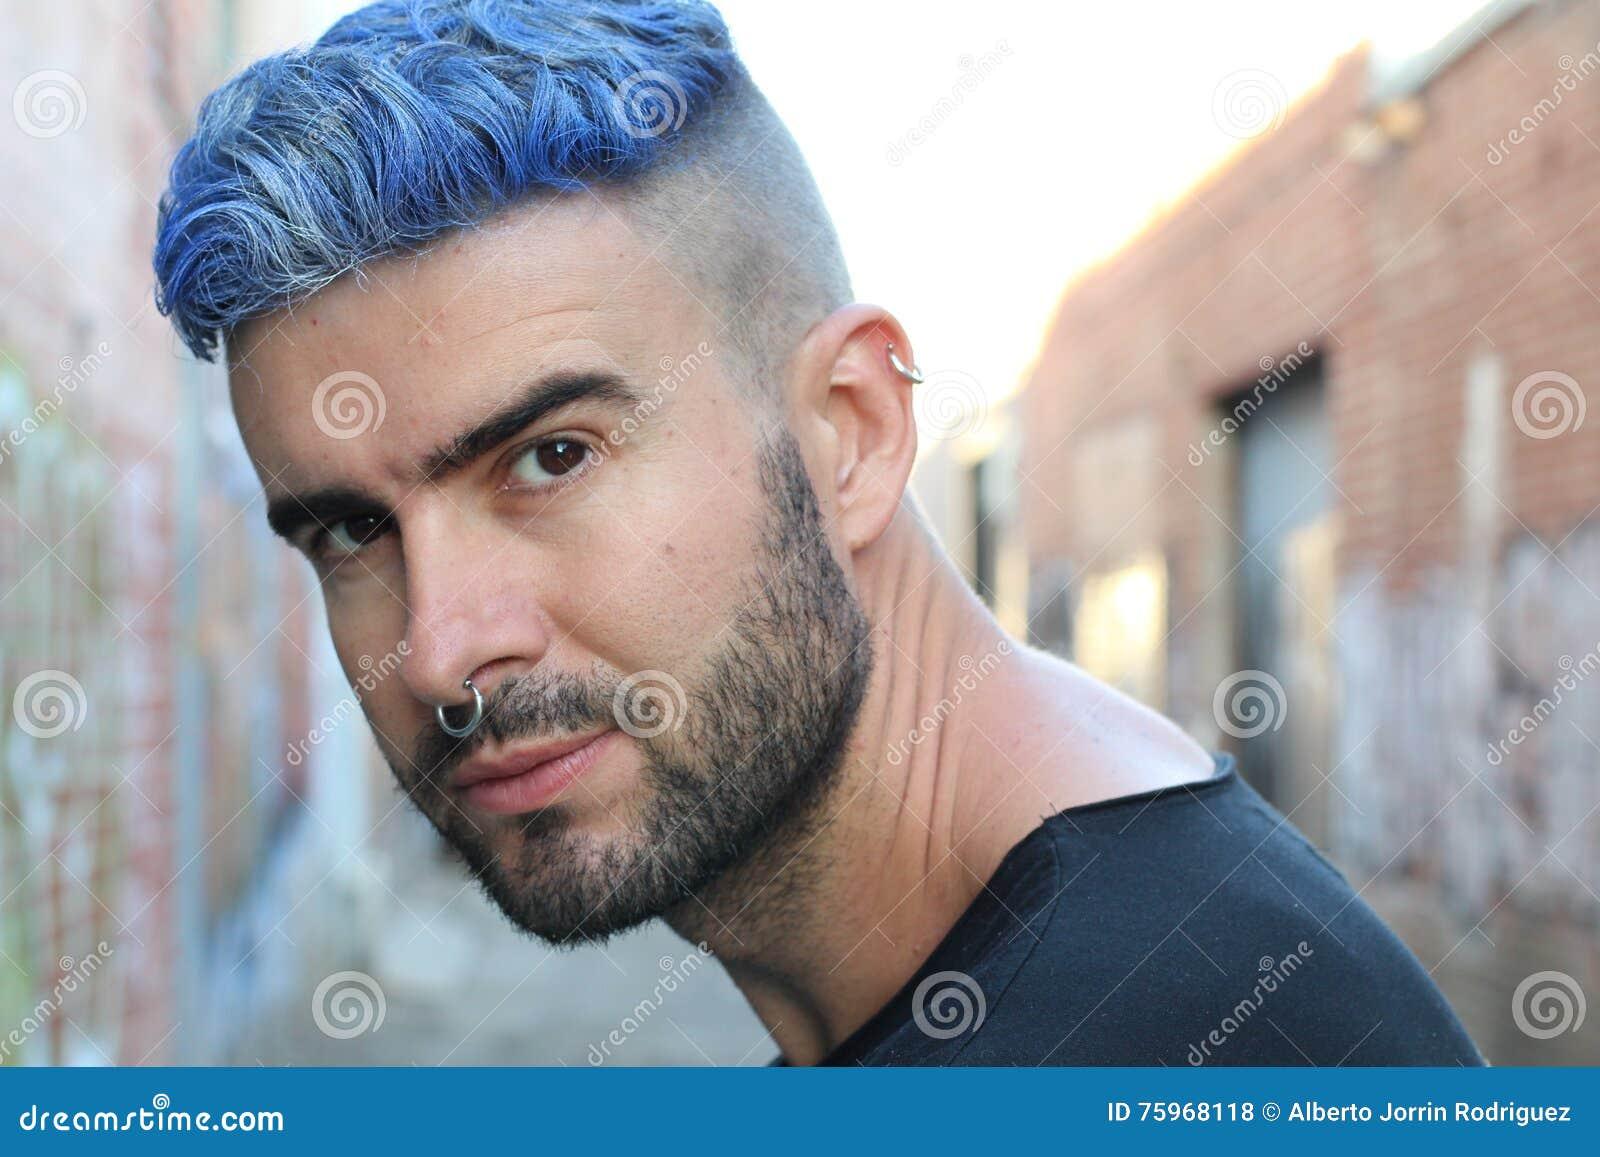 Jeune homme l gant beau avec la coiffure d gag e artificiellement color e la barbe et les - Coiffure jeune homme ...